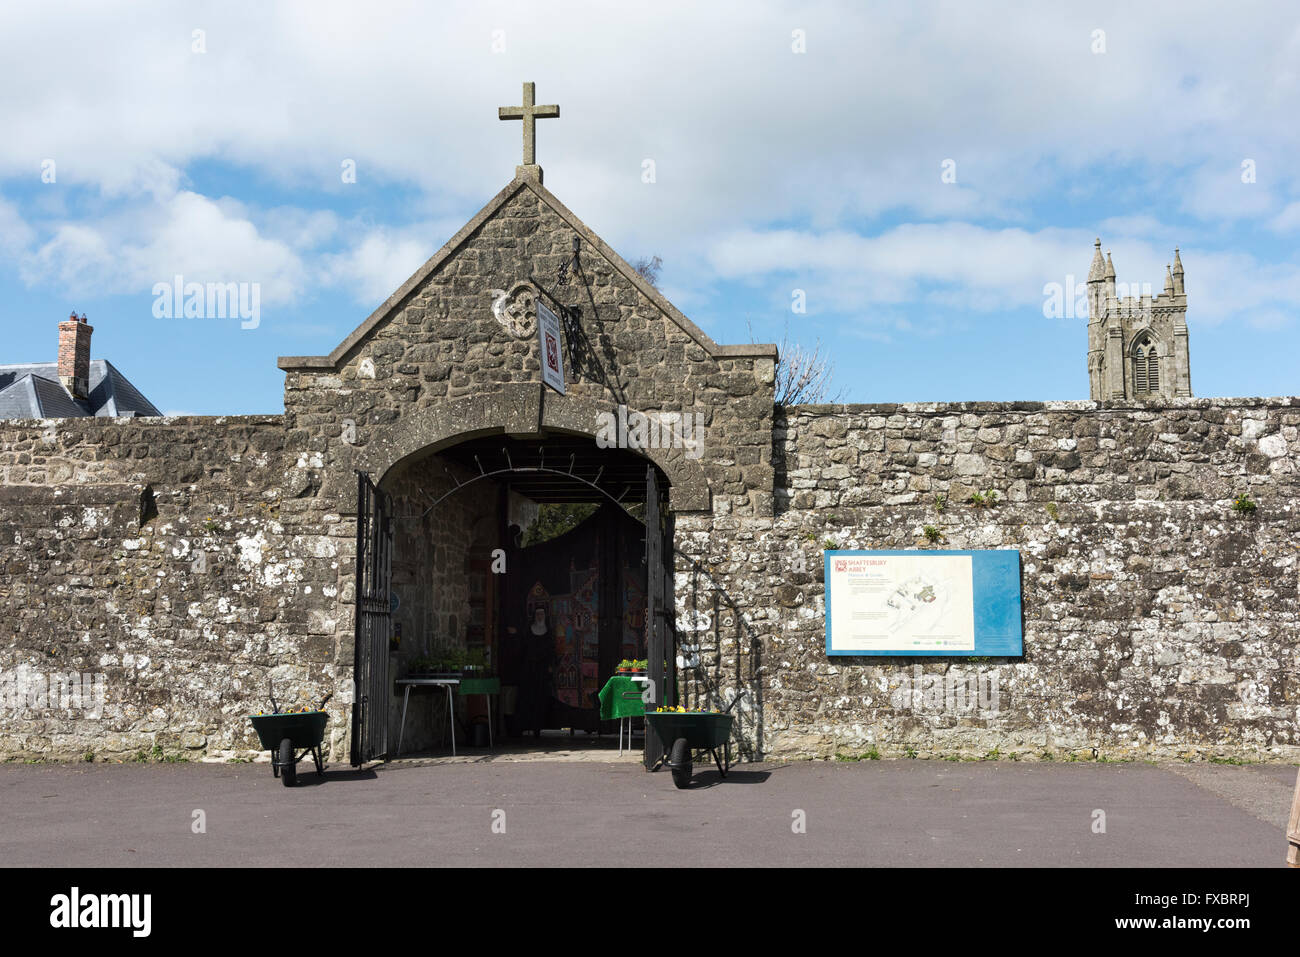 Shaftesbury Abbey Dorset UK - Stock Image